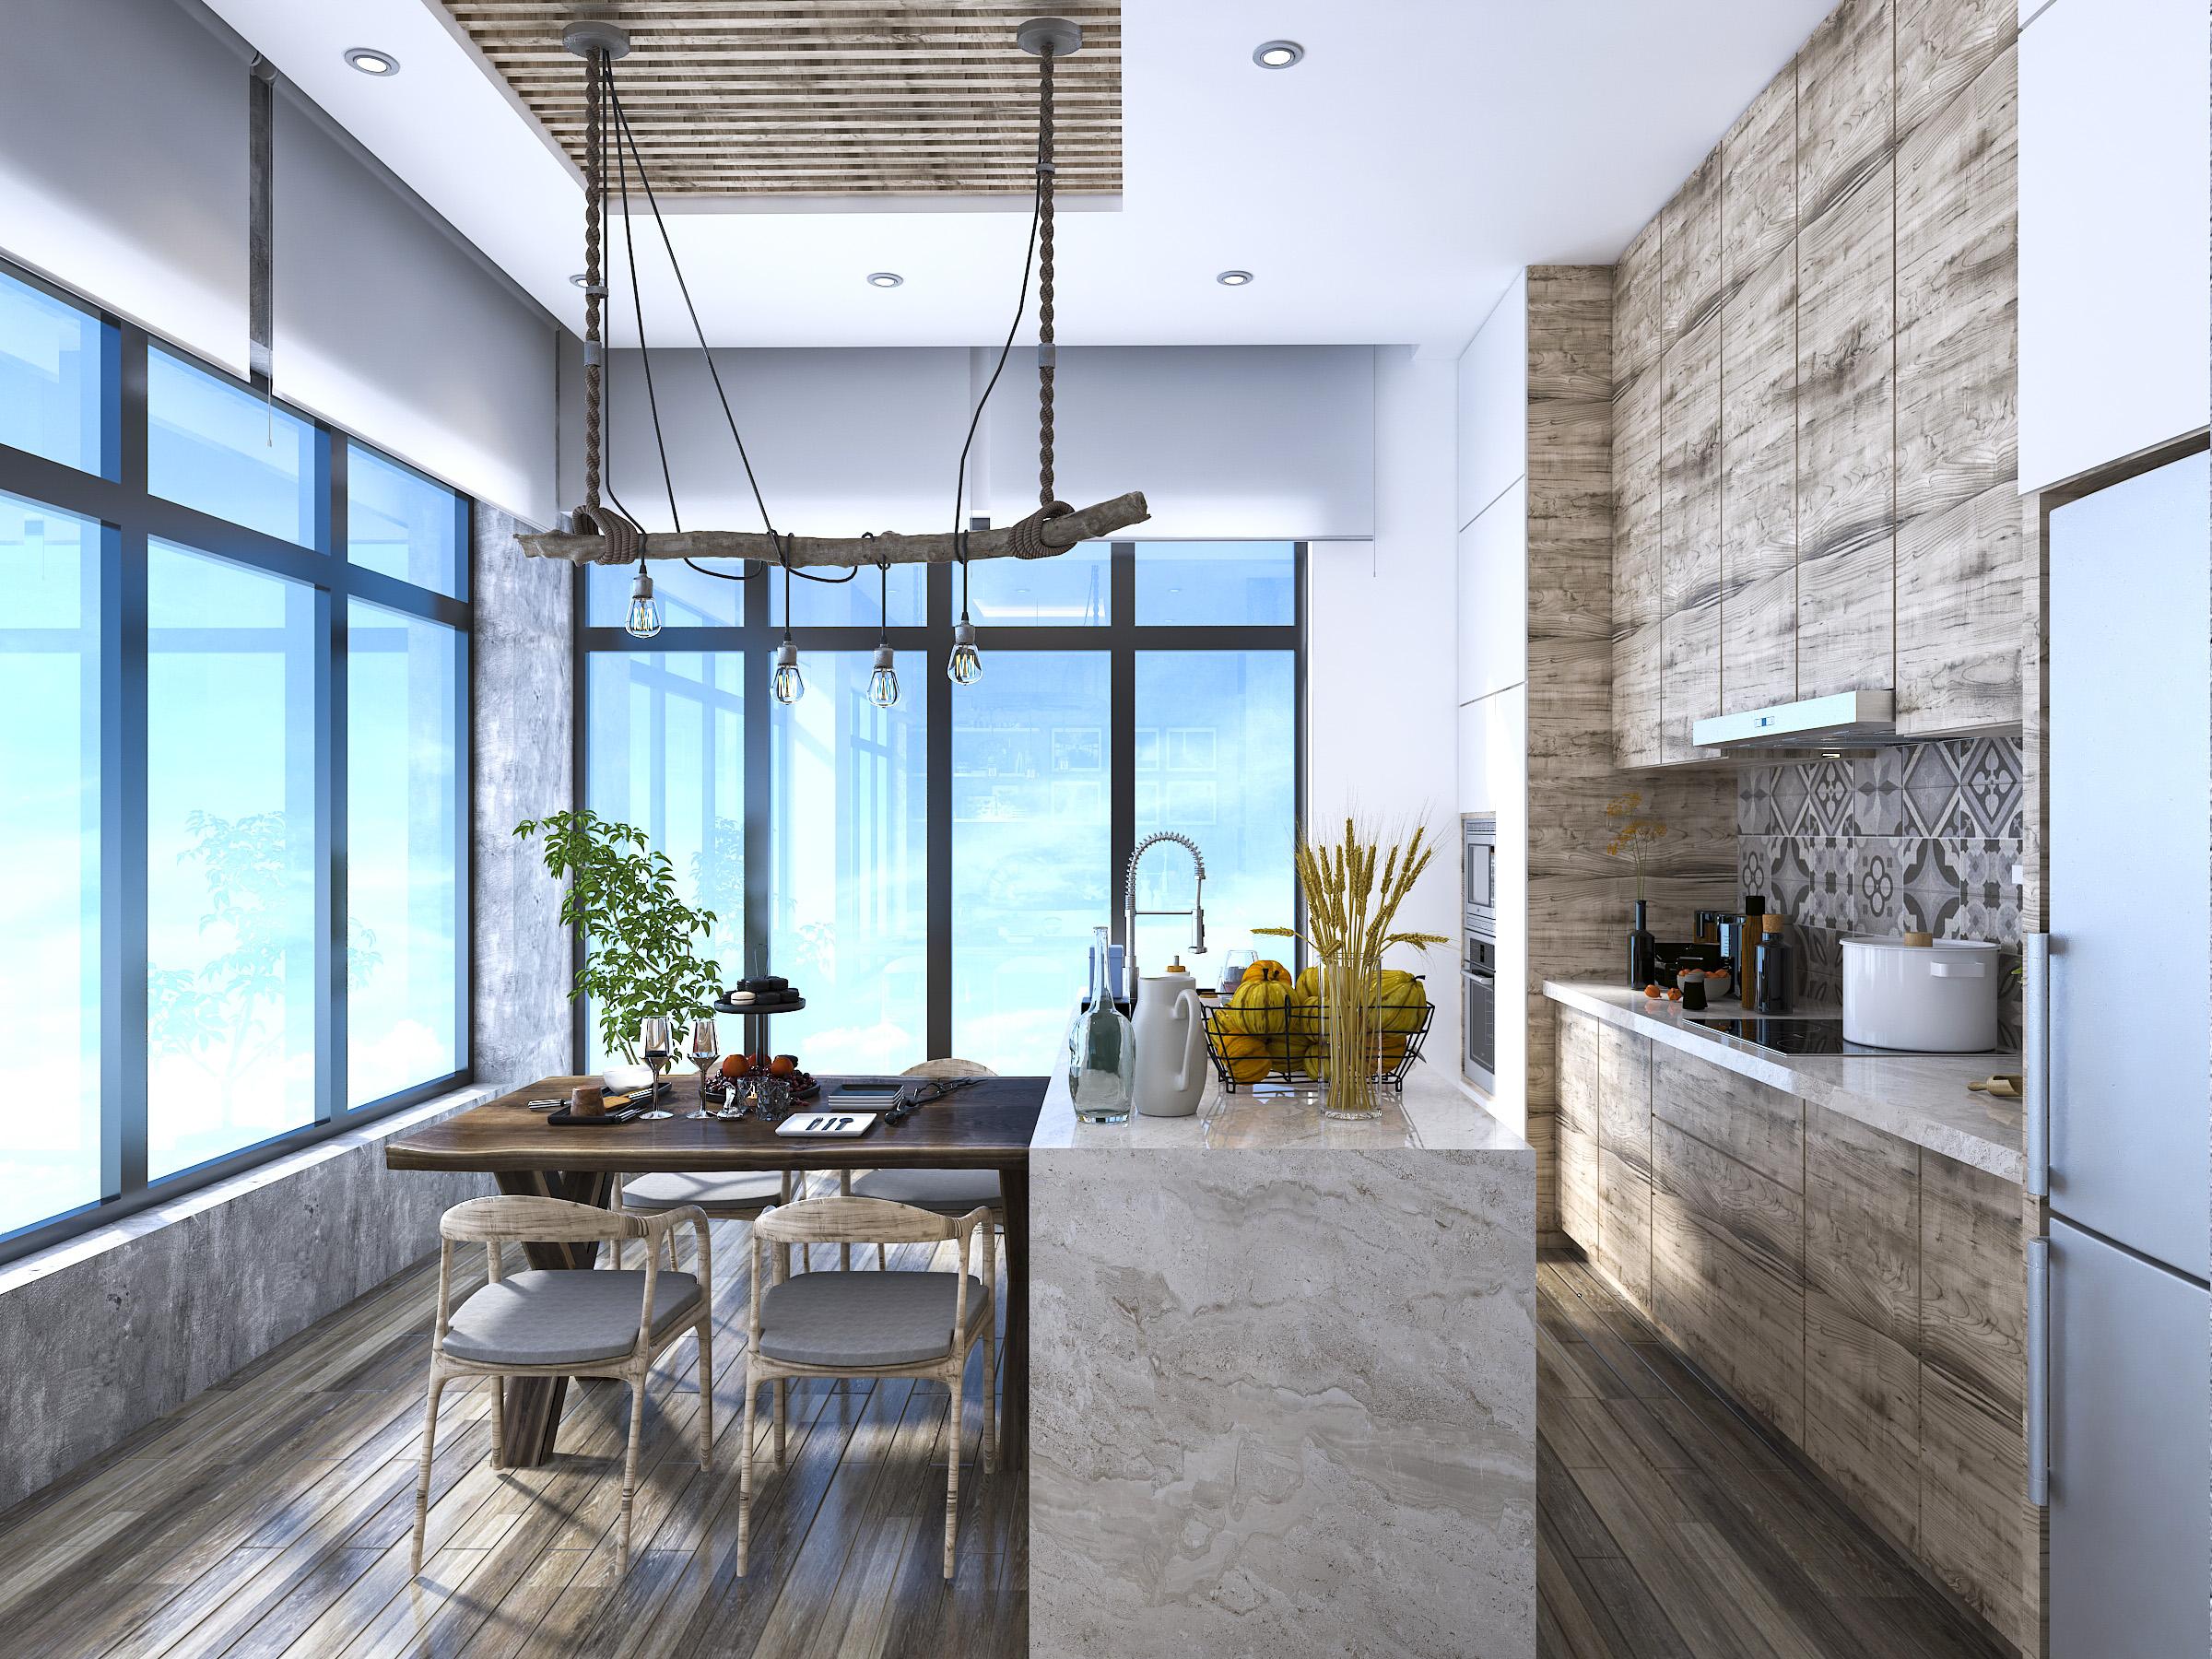 thiết kế nội thất Nhà tại Hồ Chí Minh Mr. Huy House 5 1565771942